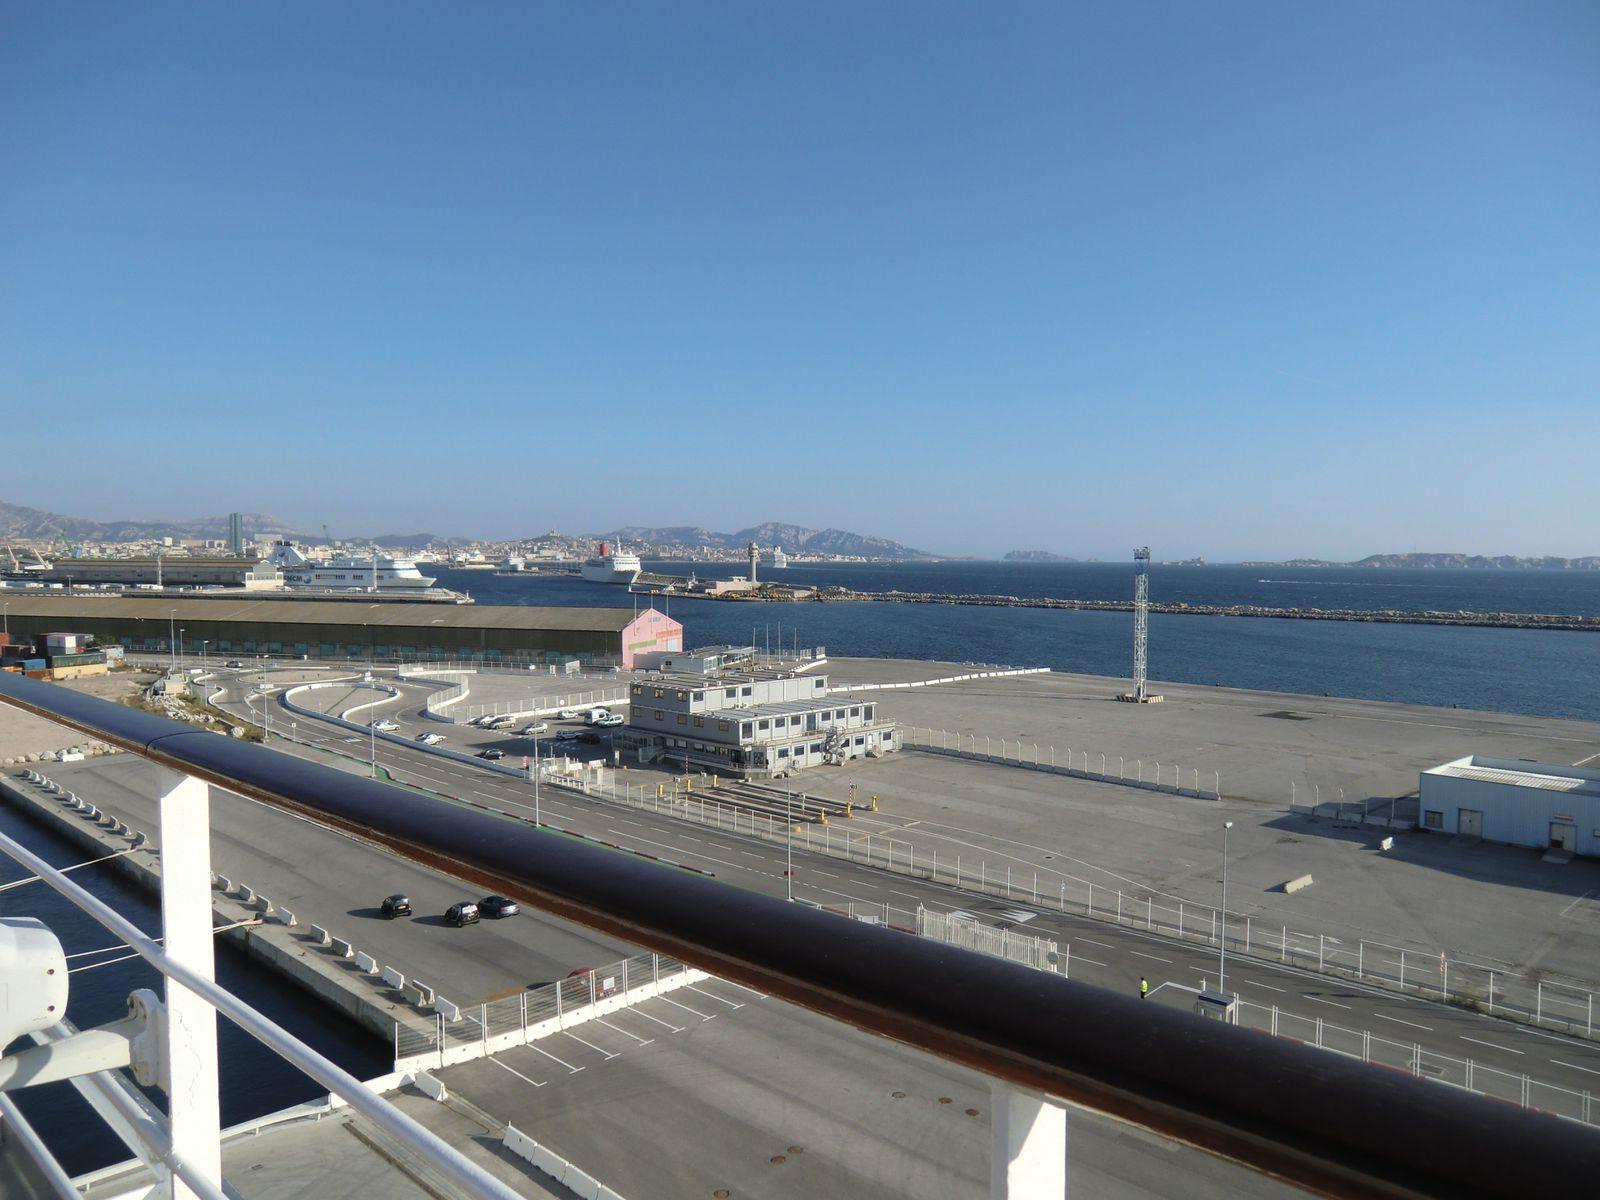 Départ à la mer destination CANNES (07/09/2013)